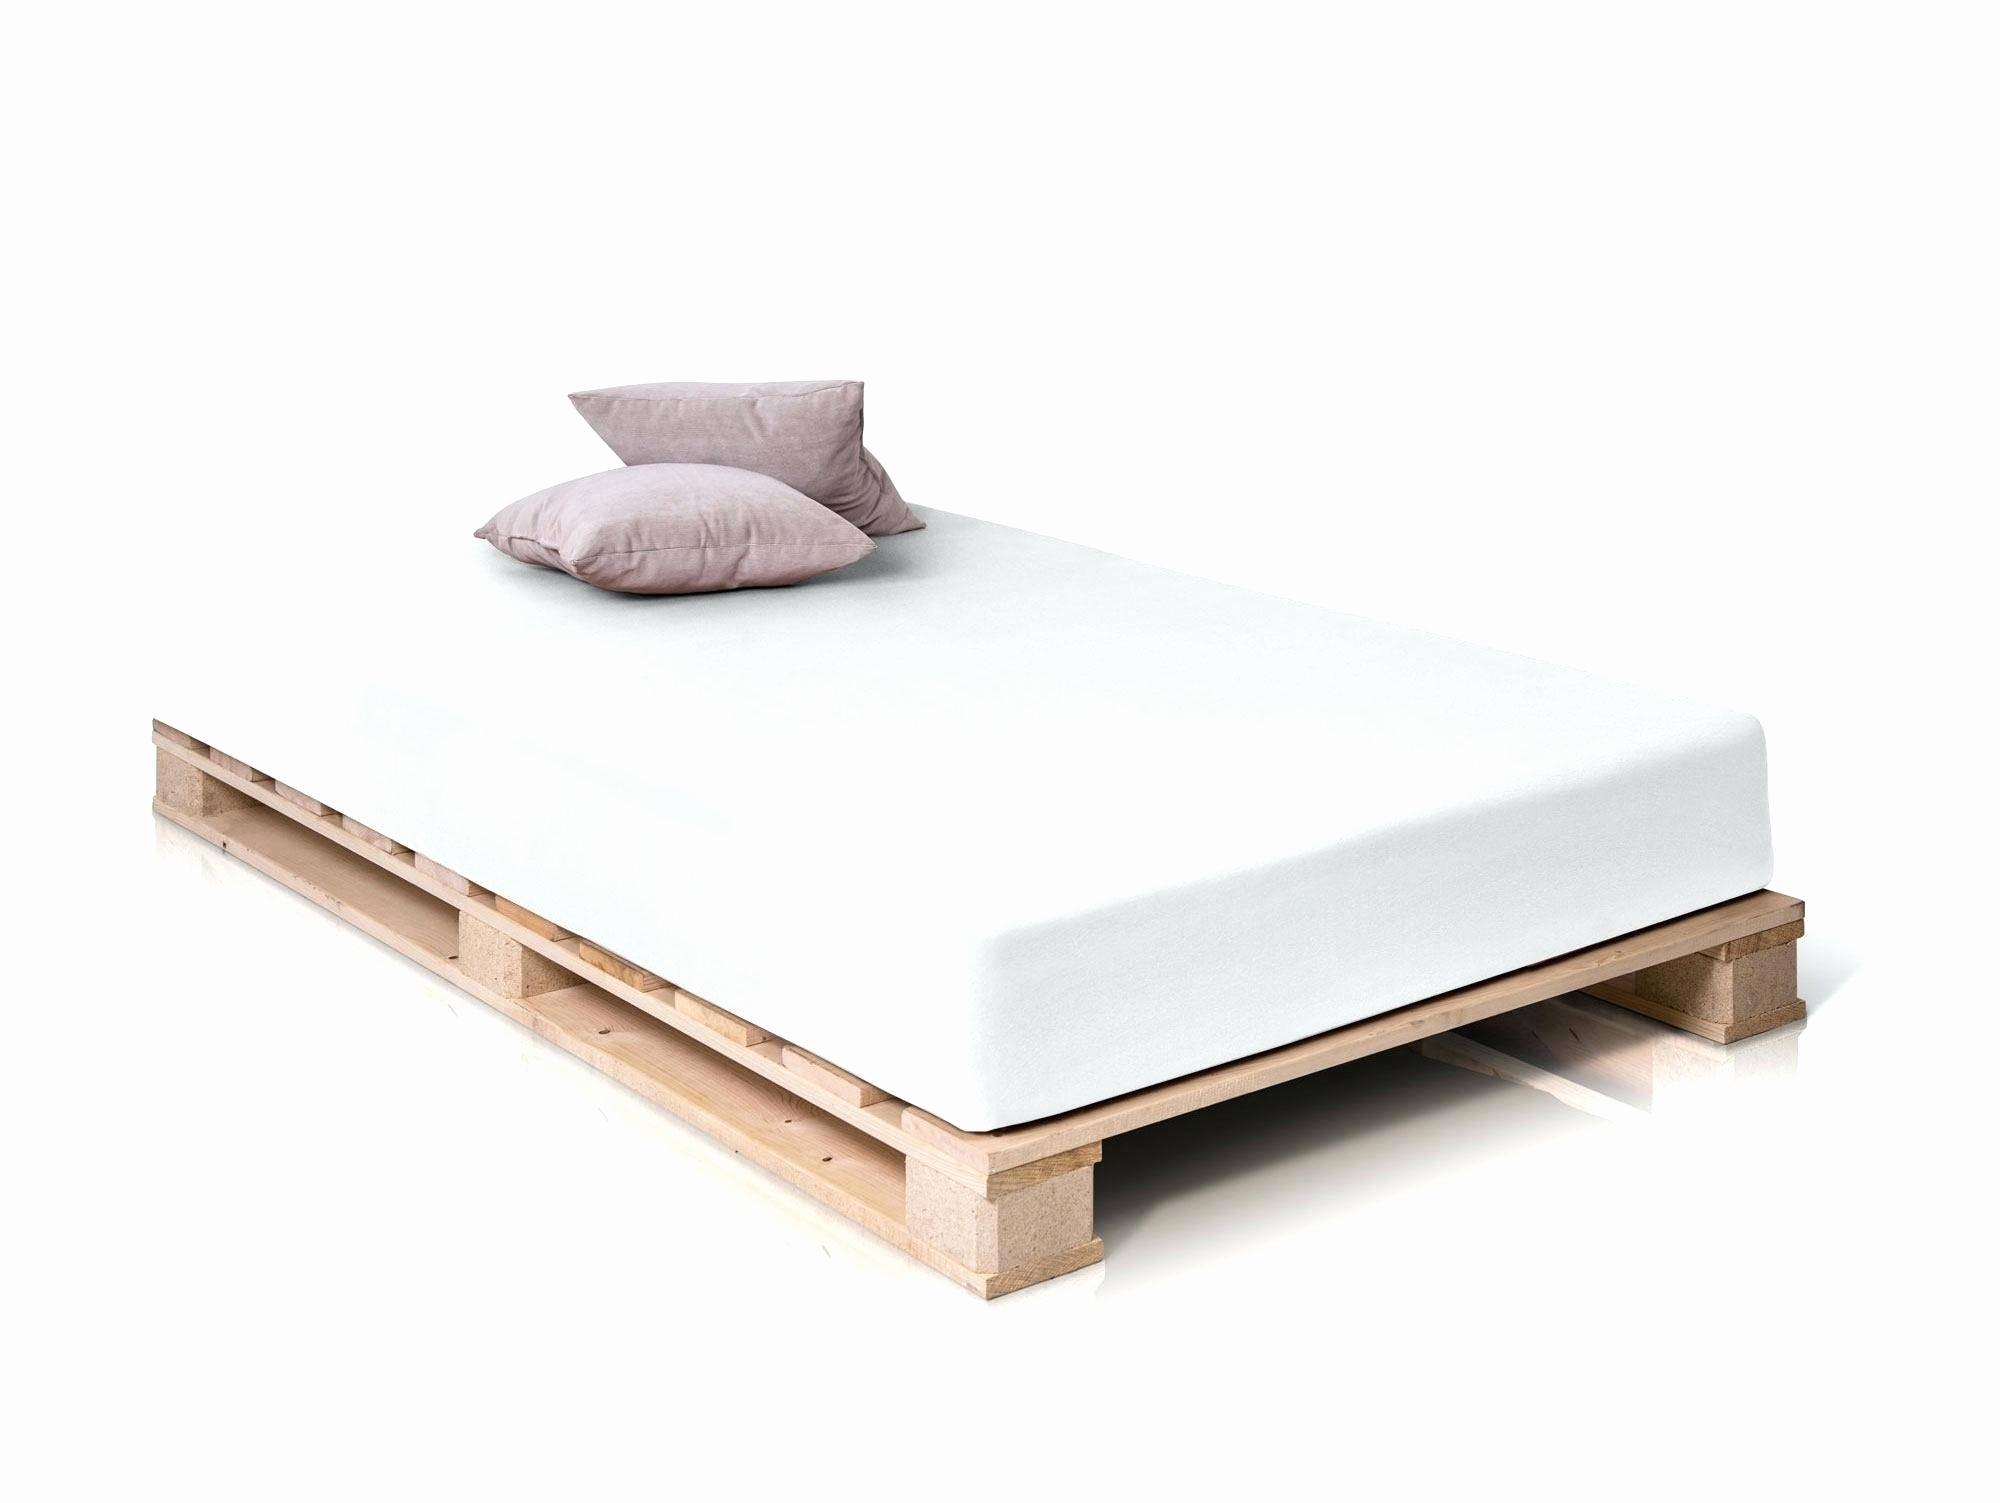 Full Size of Bett 120x200 Ikea 120200 Genial Boxspring 90200 Unique Betten 90x200 Weiß Für Teenager Jugendzimmer Amerikanisches Balinesische Prinzessin Bopita Küche Wohnzimmer Bett 120x200 Ikea